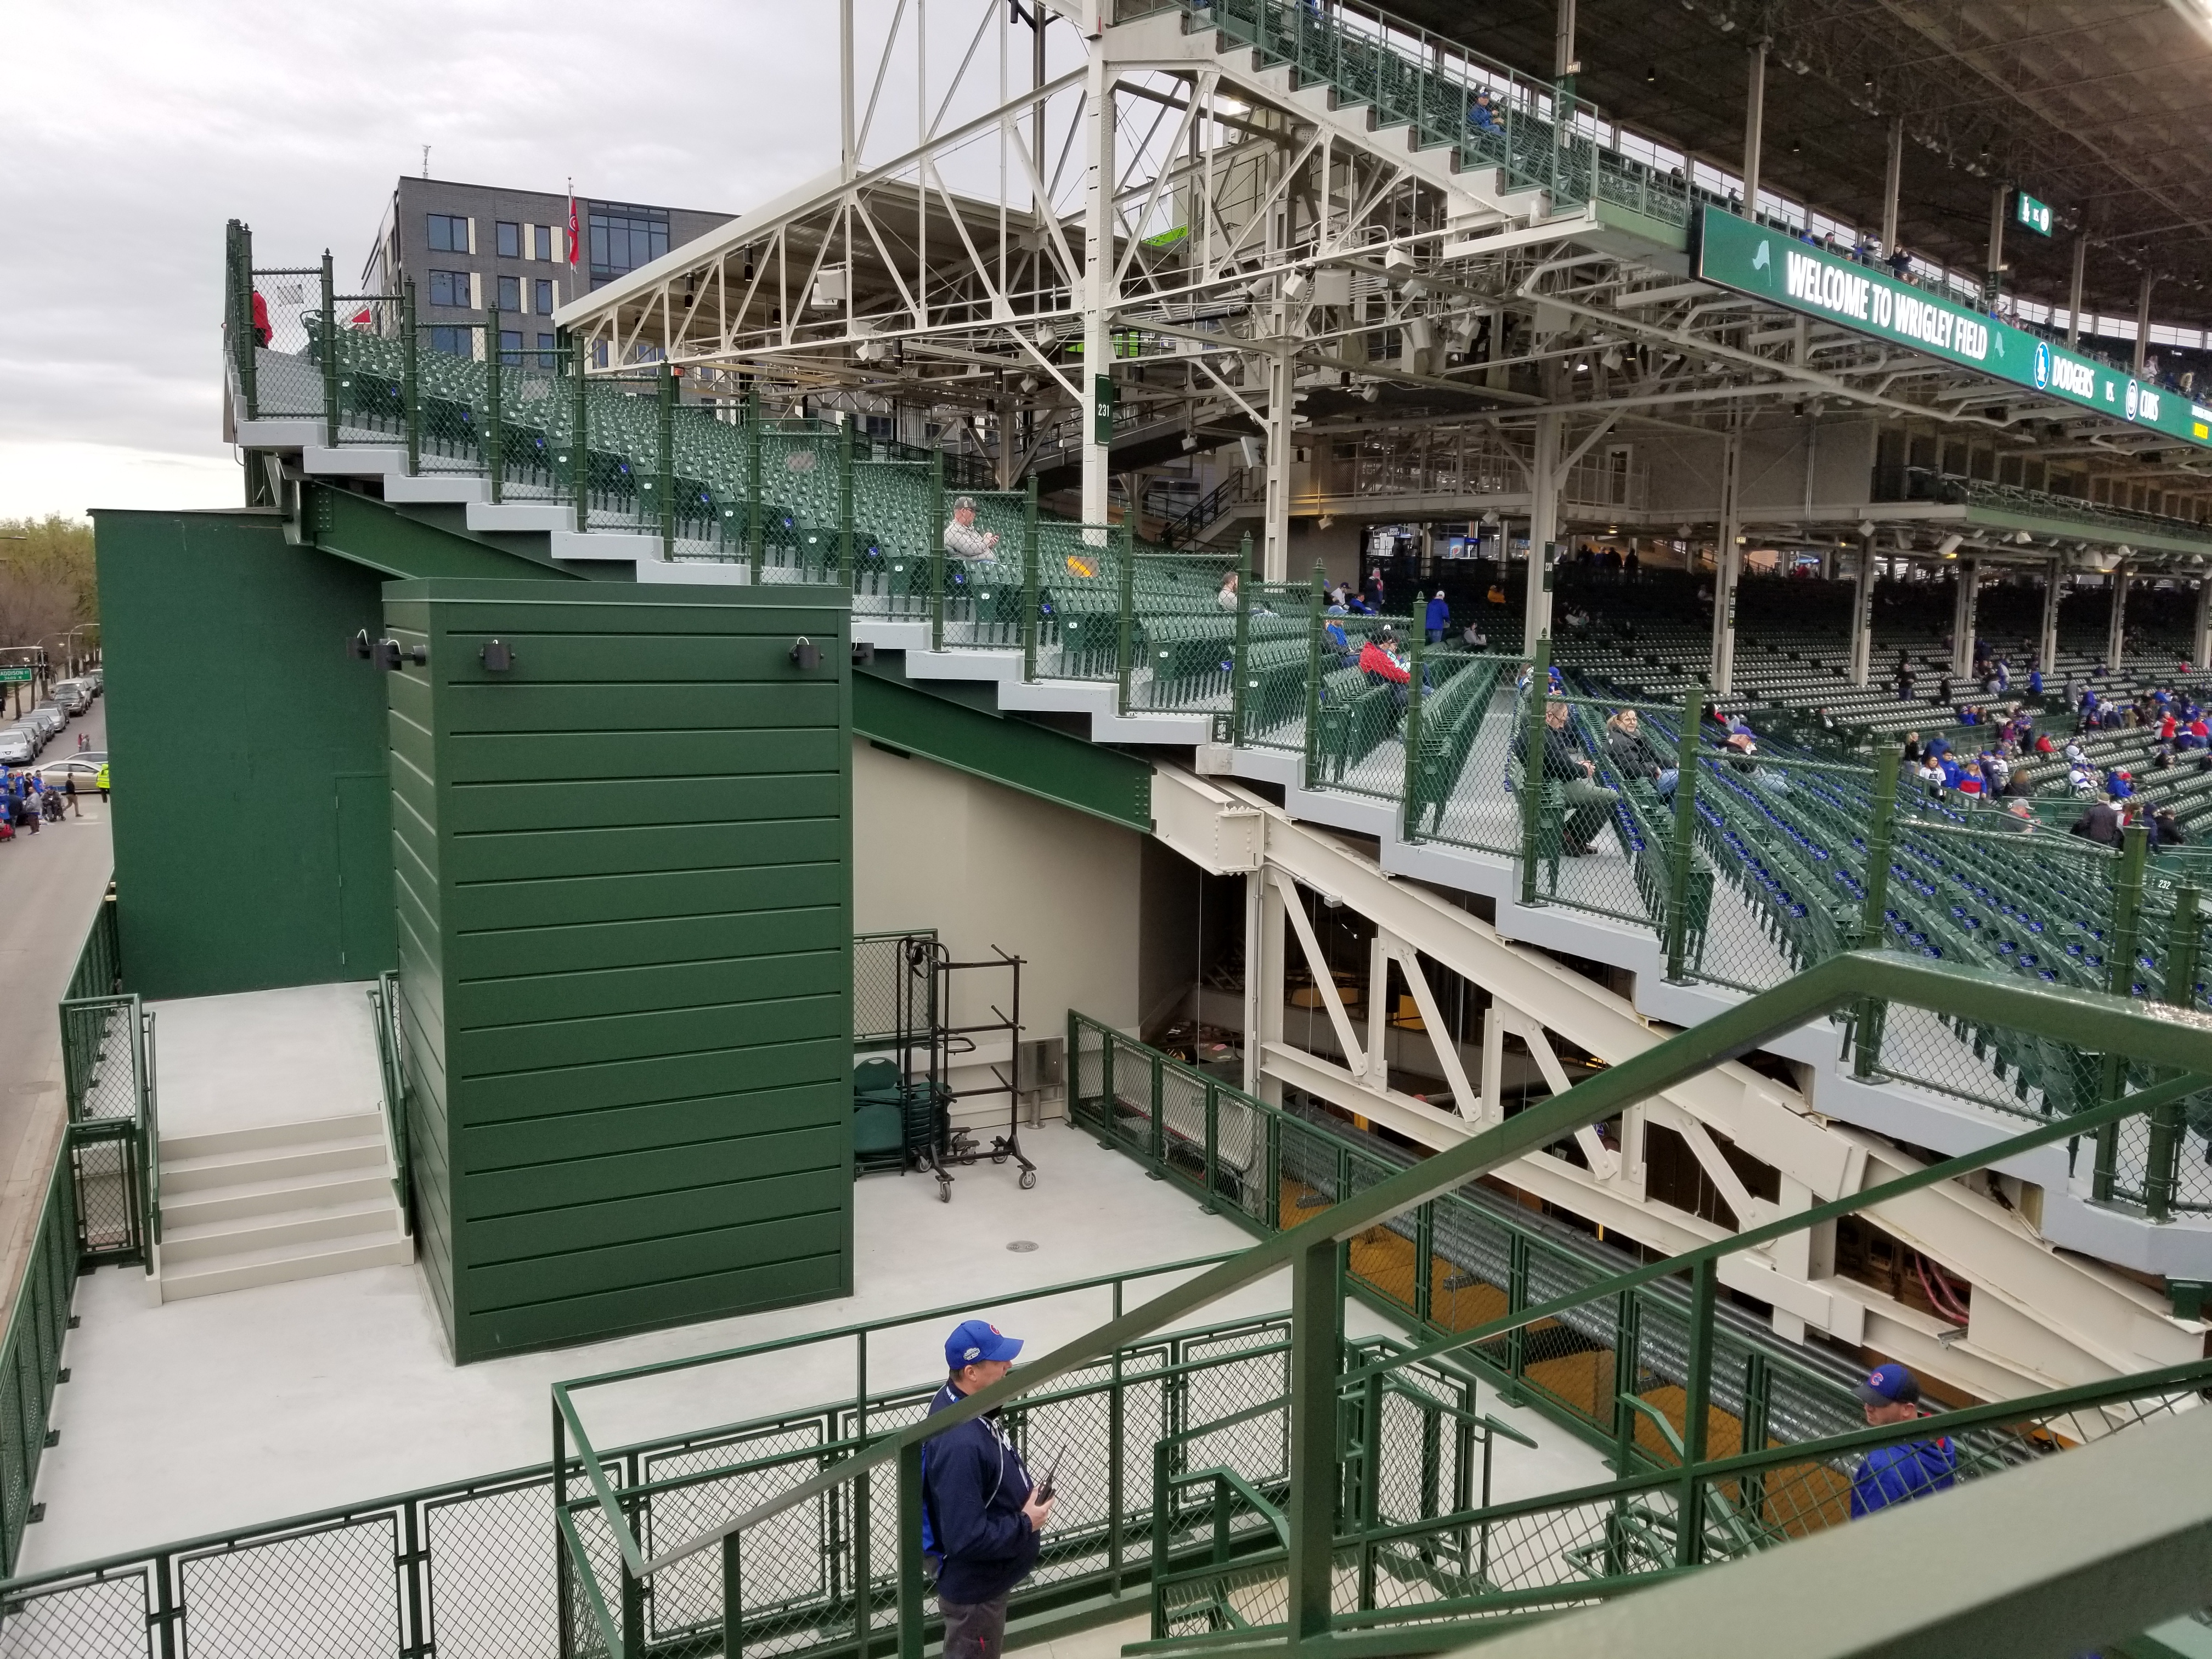 Wrigley Field renovations - Bleed Cubbie Blue